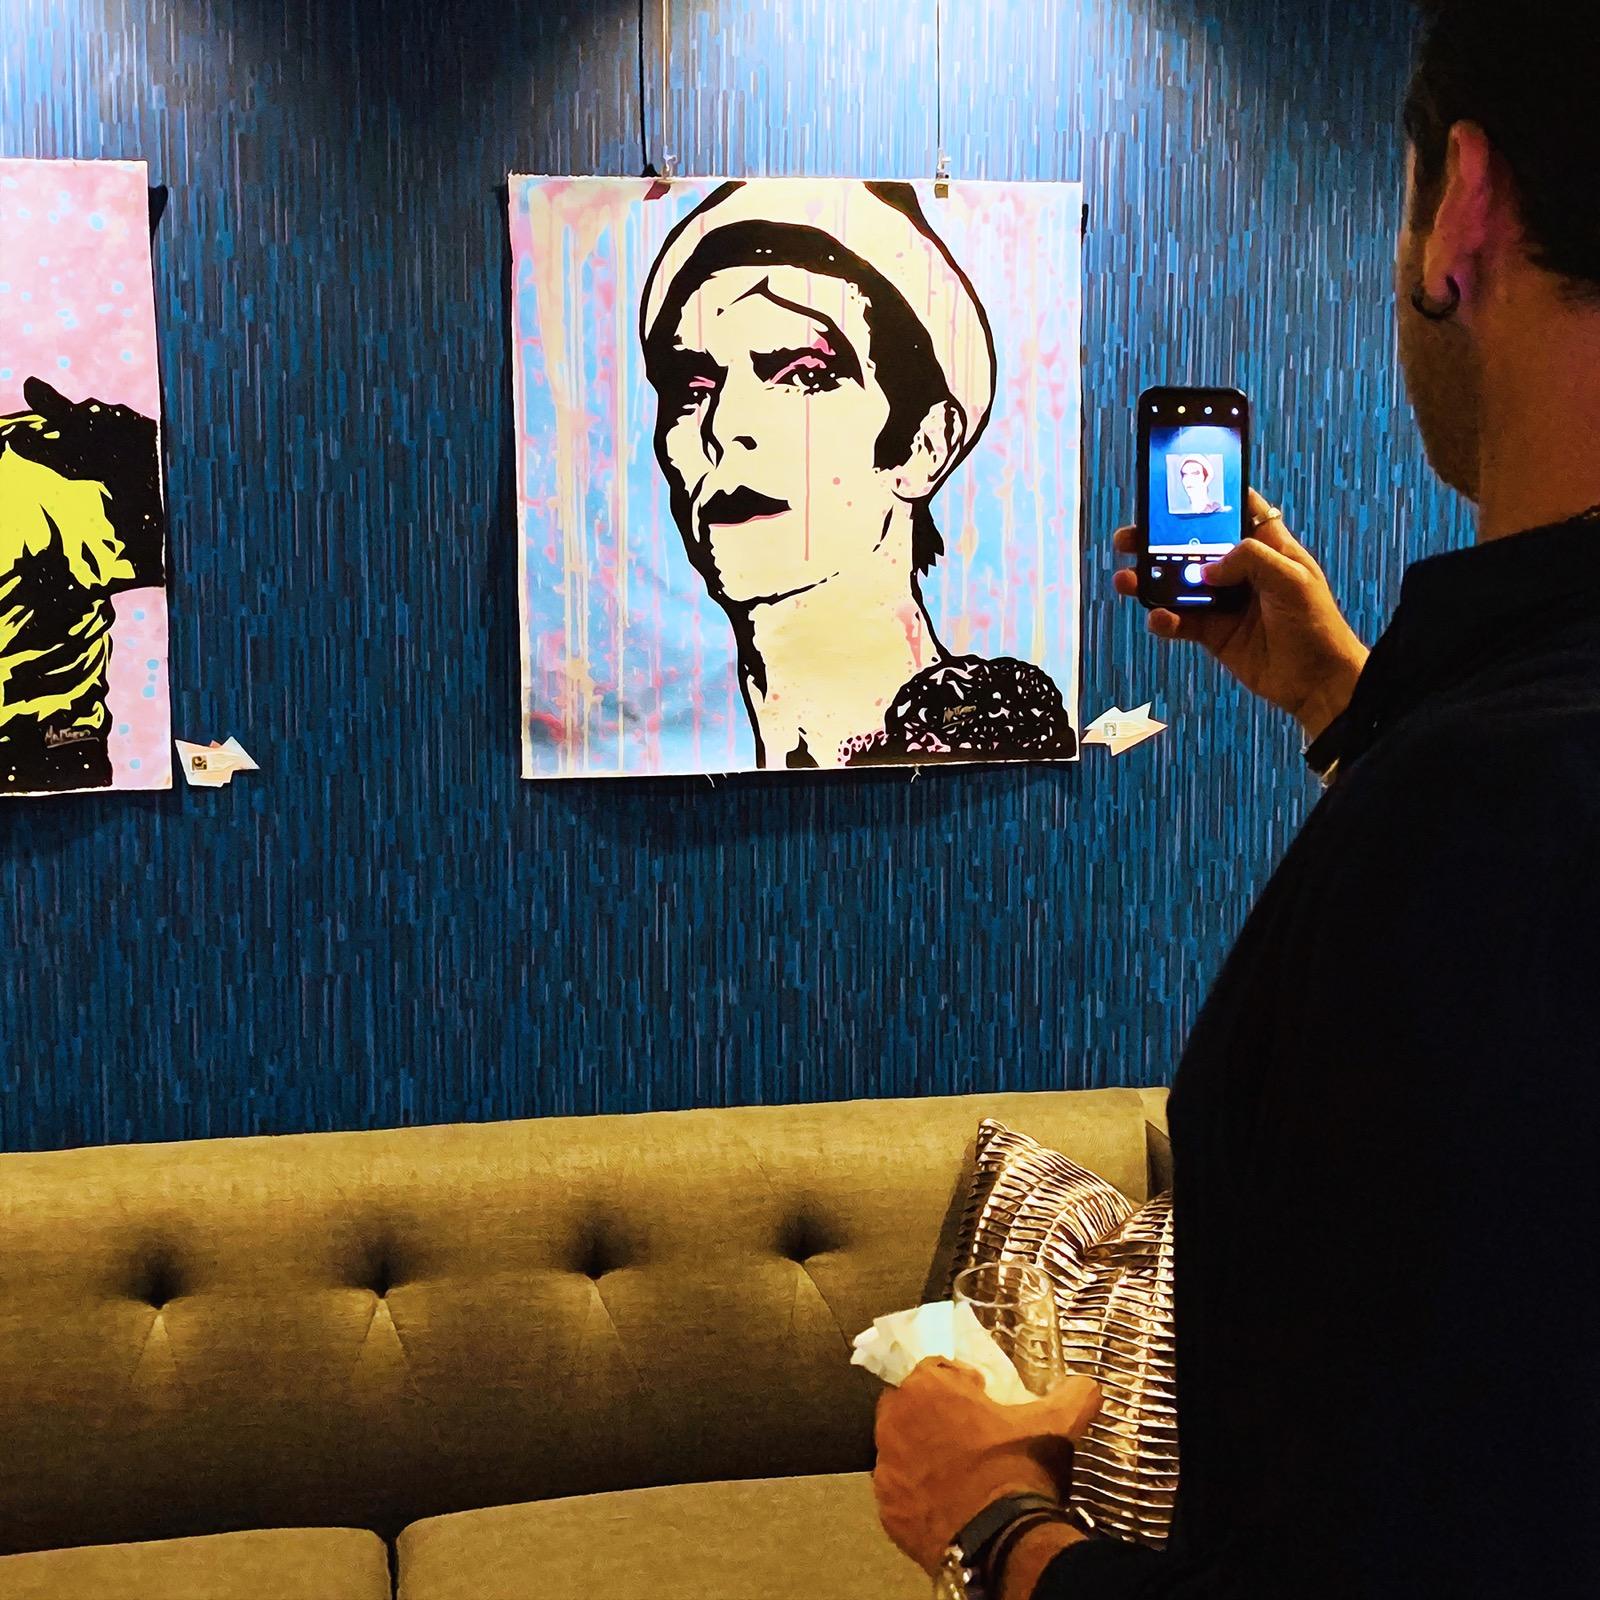 David Bowie Pop Art by Mr. Babes